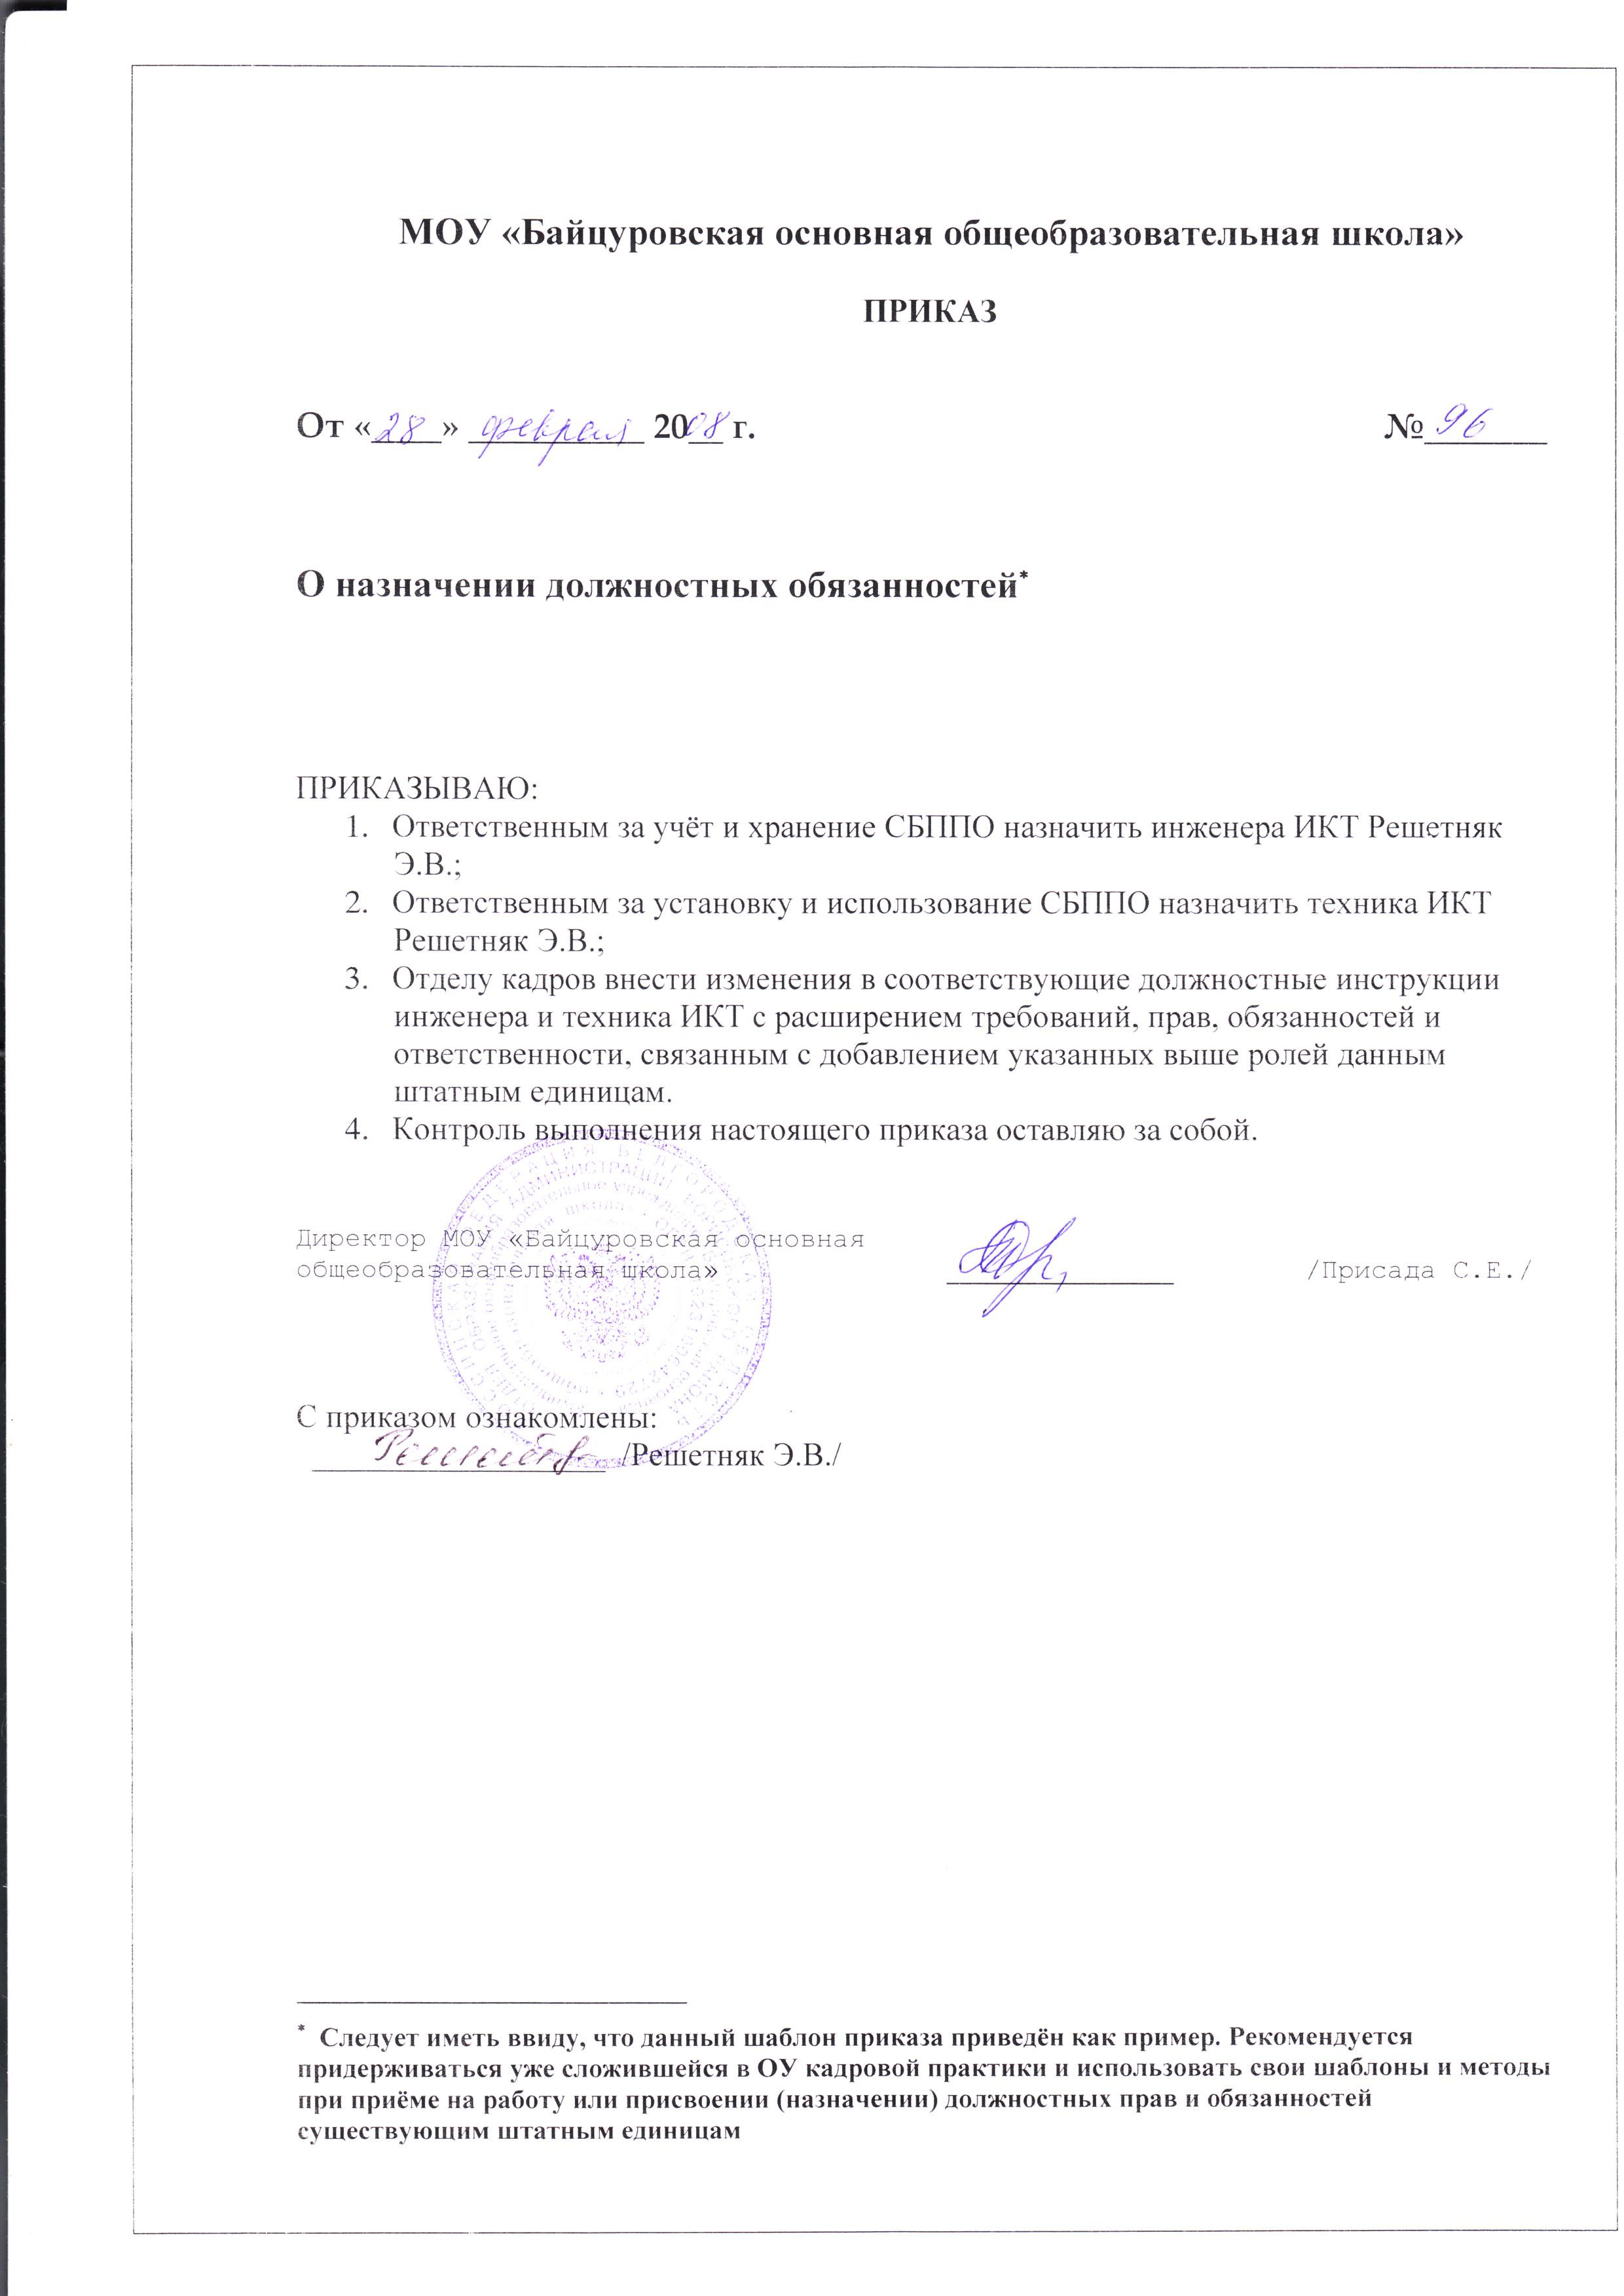 приказ об утверждении фирменного бланка организации